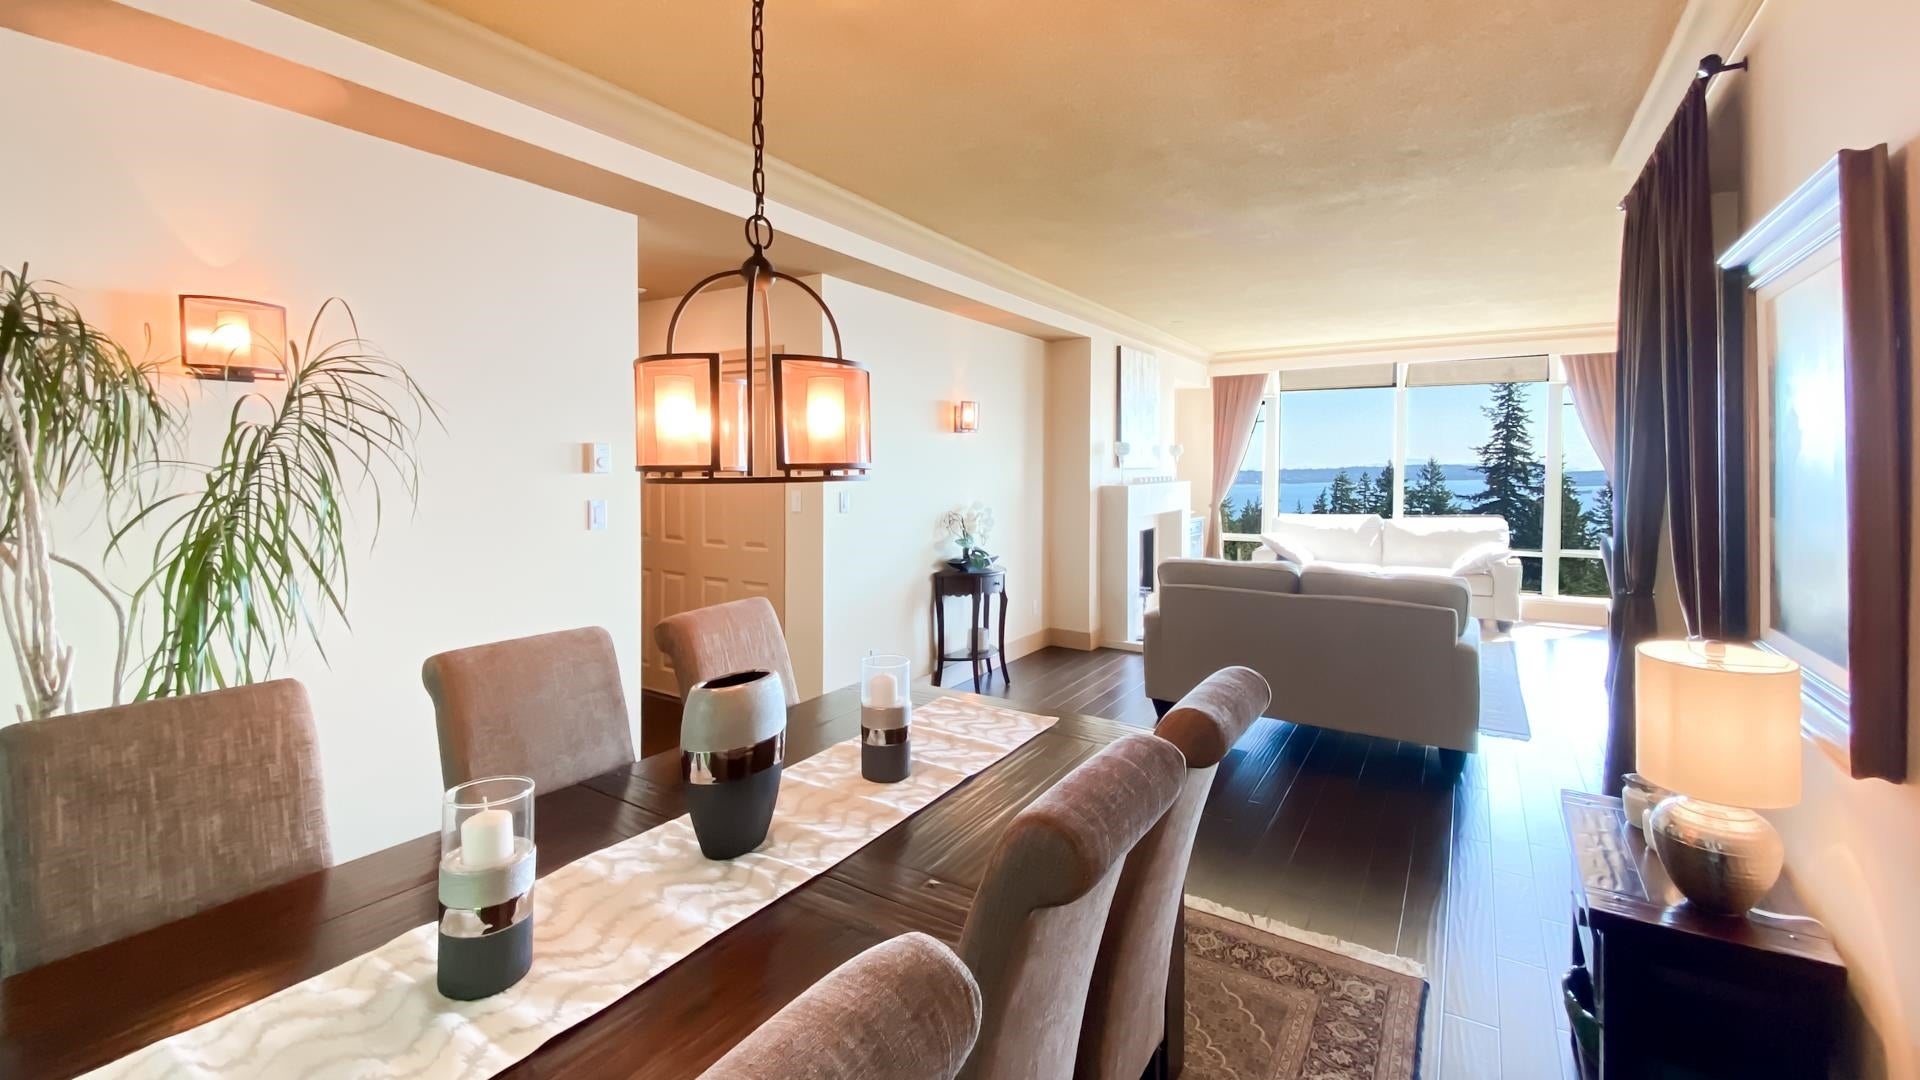 301 3131 DEER RIDGE DRIVE - Deer Ridge WV Apartment/Condo for sale, 2 Bedrooms (R2615692) - #11